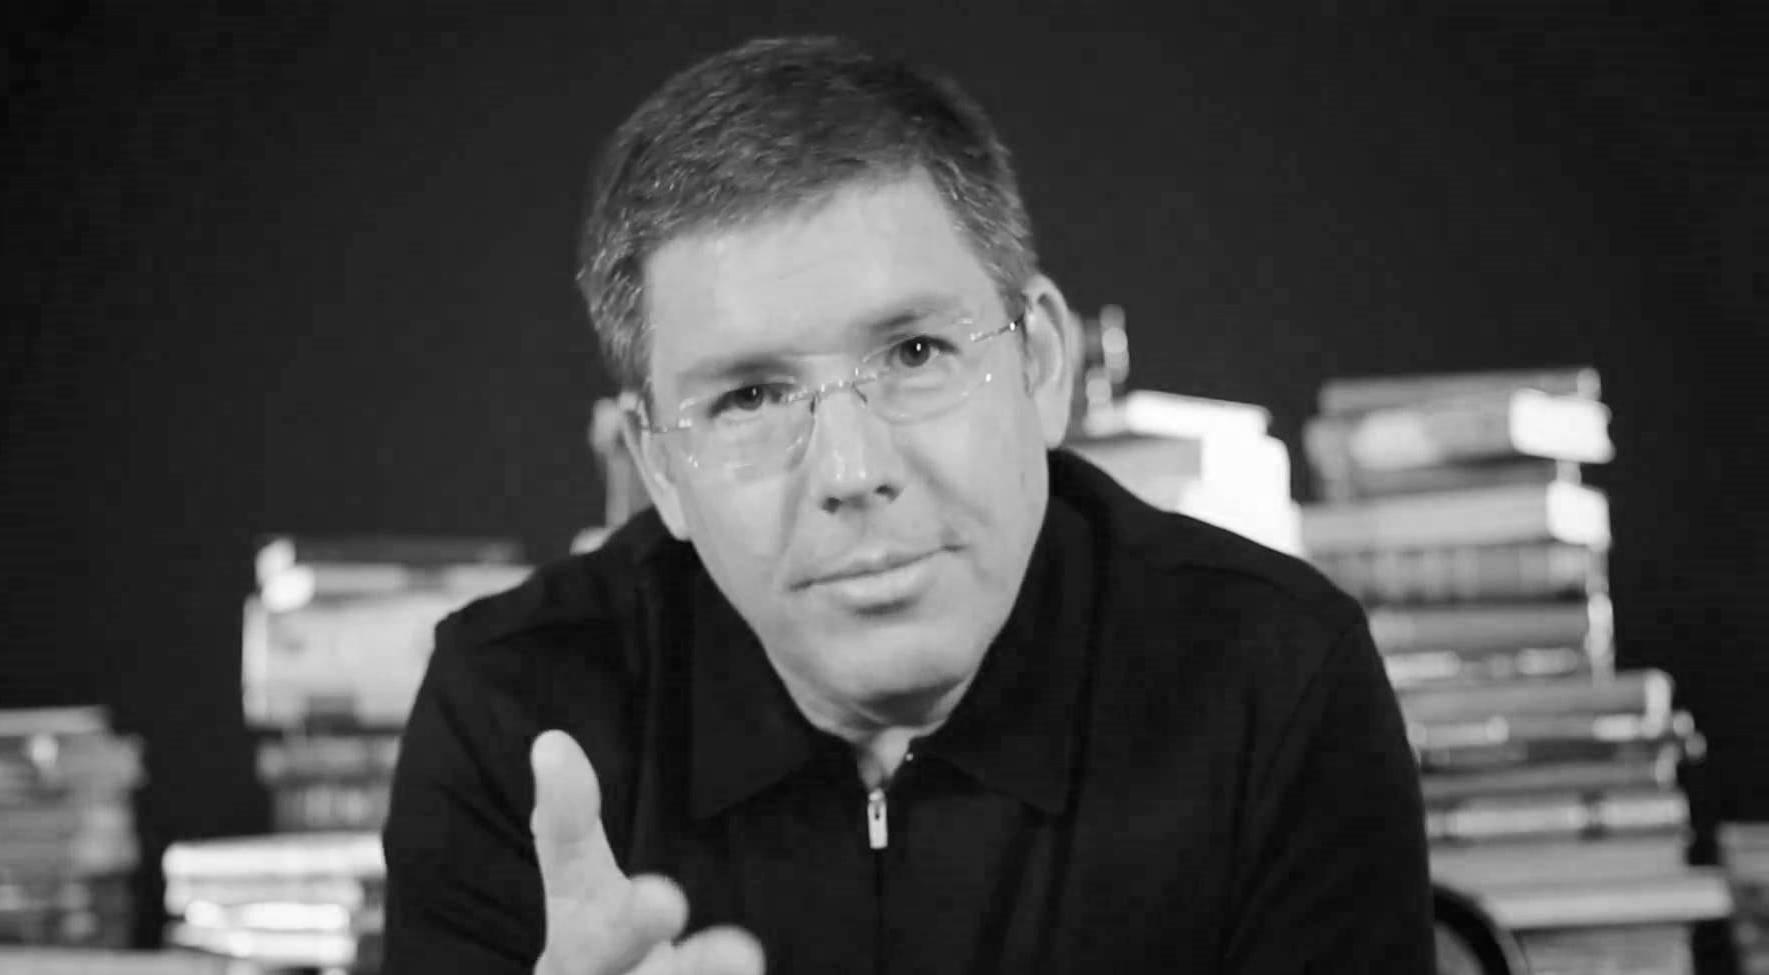 Ed-René-Kivitz-Entrevista-Fausto